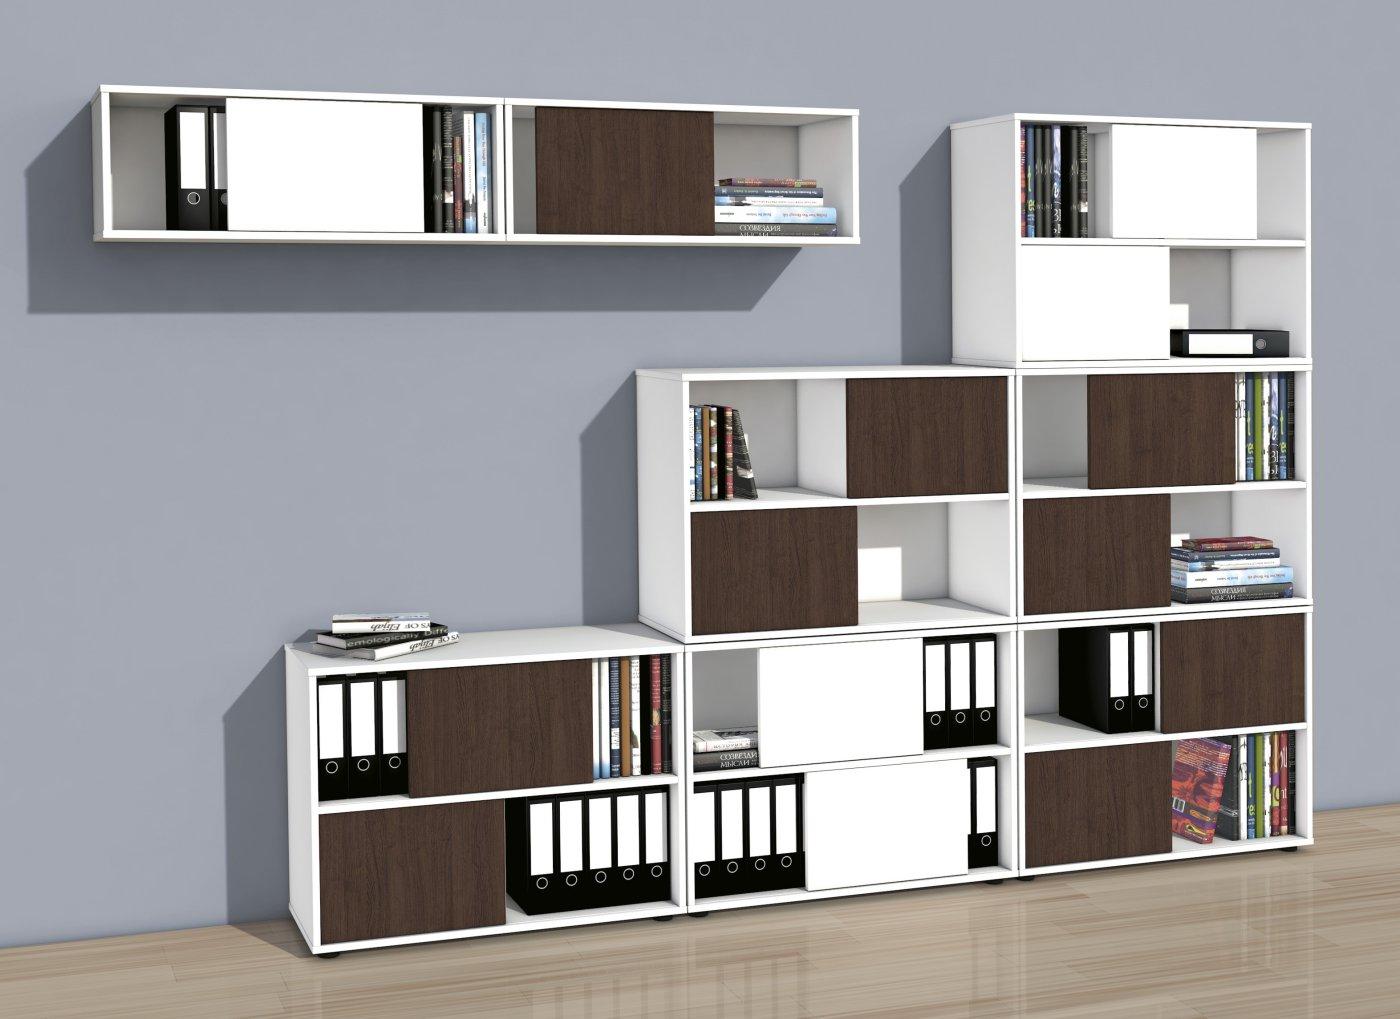 moderne b roschr nke mit zweifarbigen wendet ren nicht abschlie bare schiebet ren. Black Bedroom Furniture Sets. Home Design Ideas